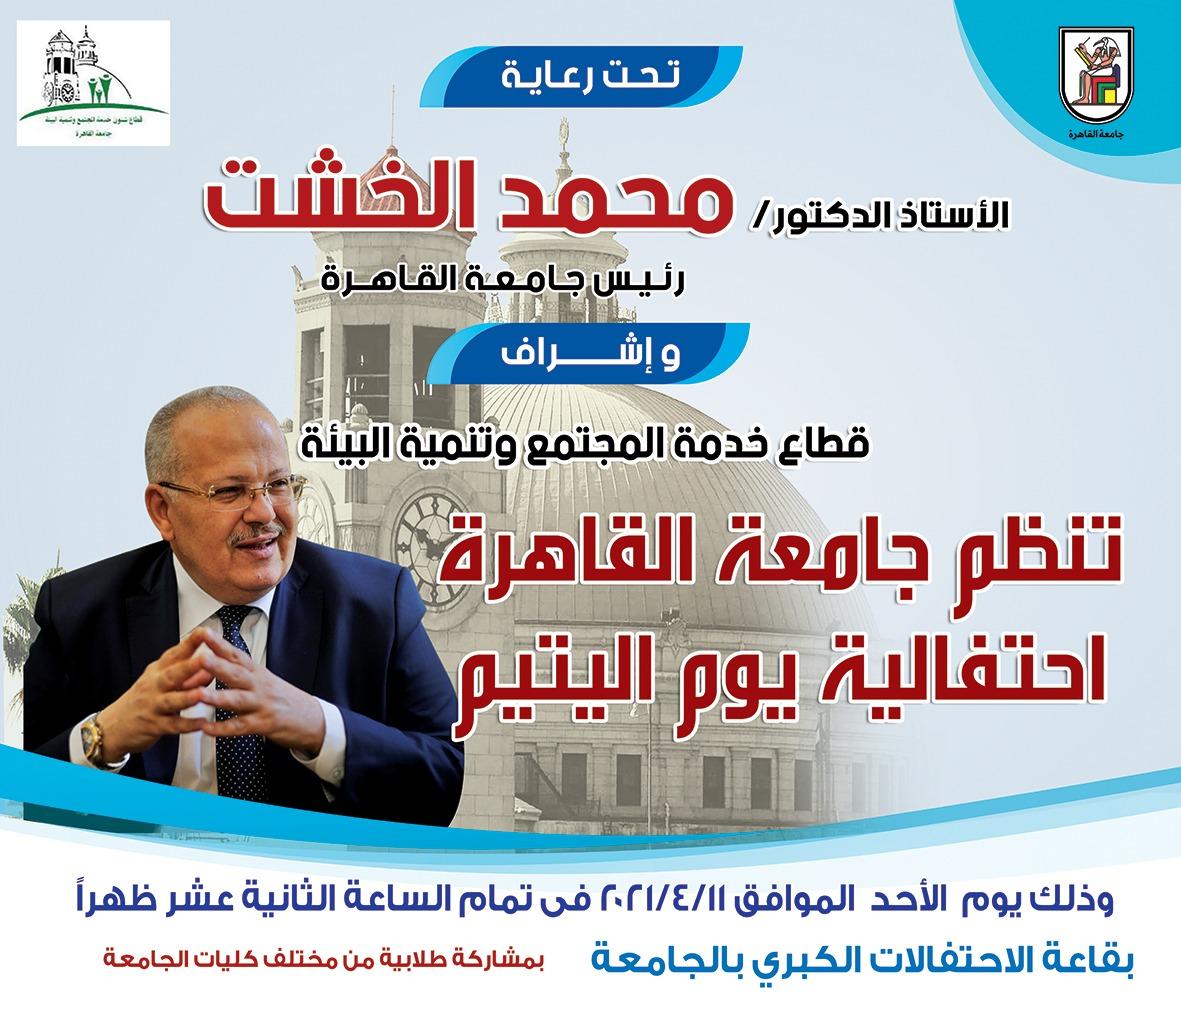 اليوم .. جامعة القاهرة تستقبل 100 طفل ضمن احتفالية بيوم اليتيم